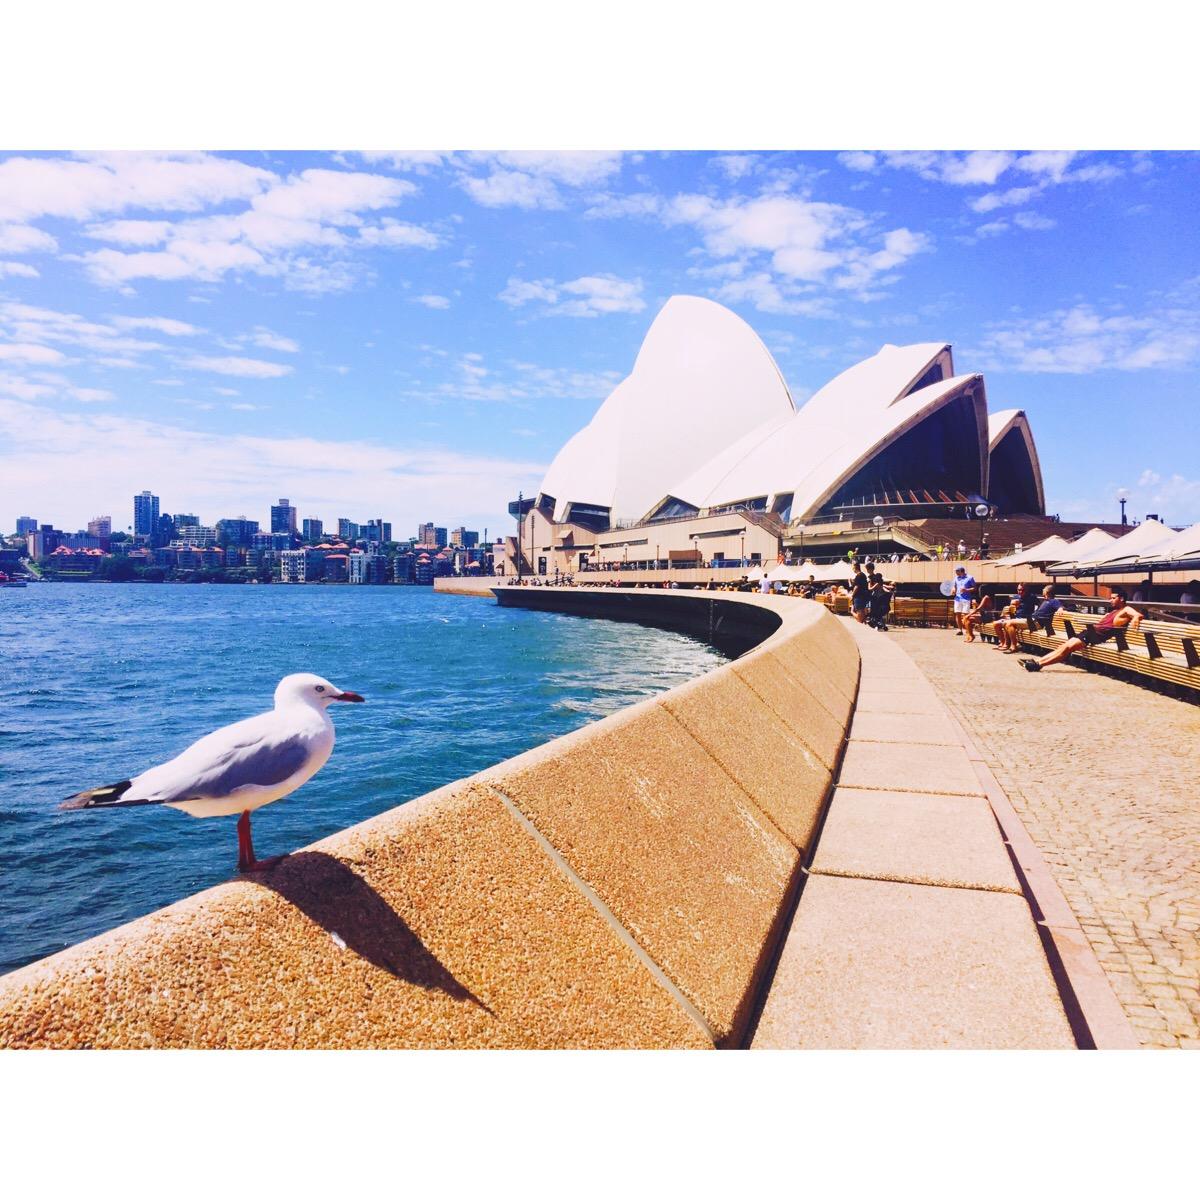 悉尼留学生分享的租房经验